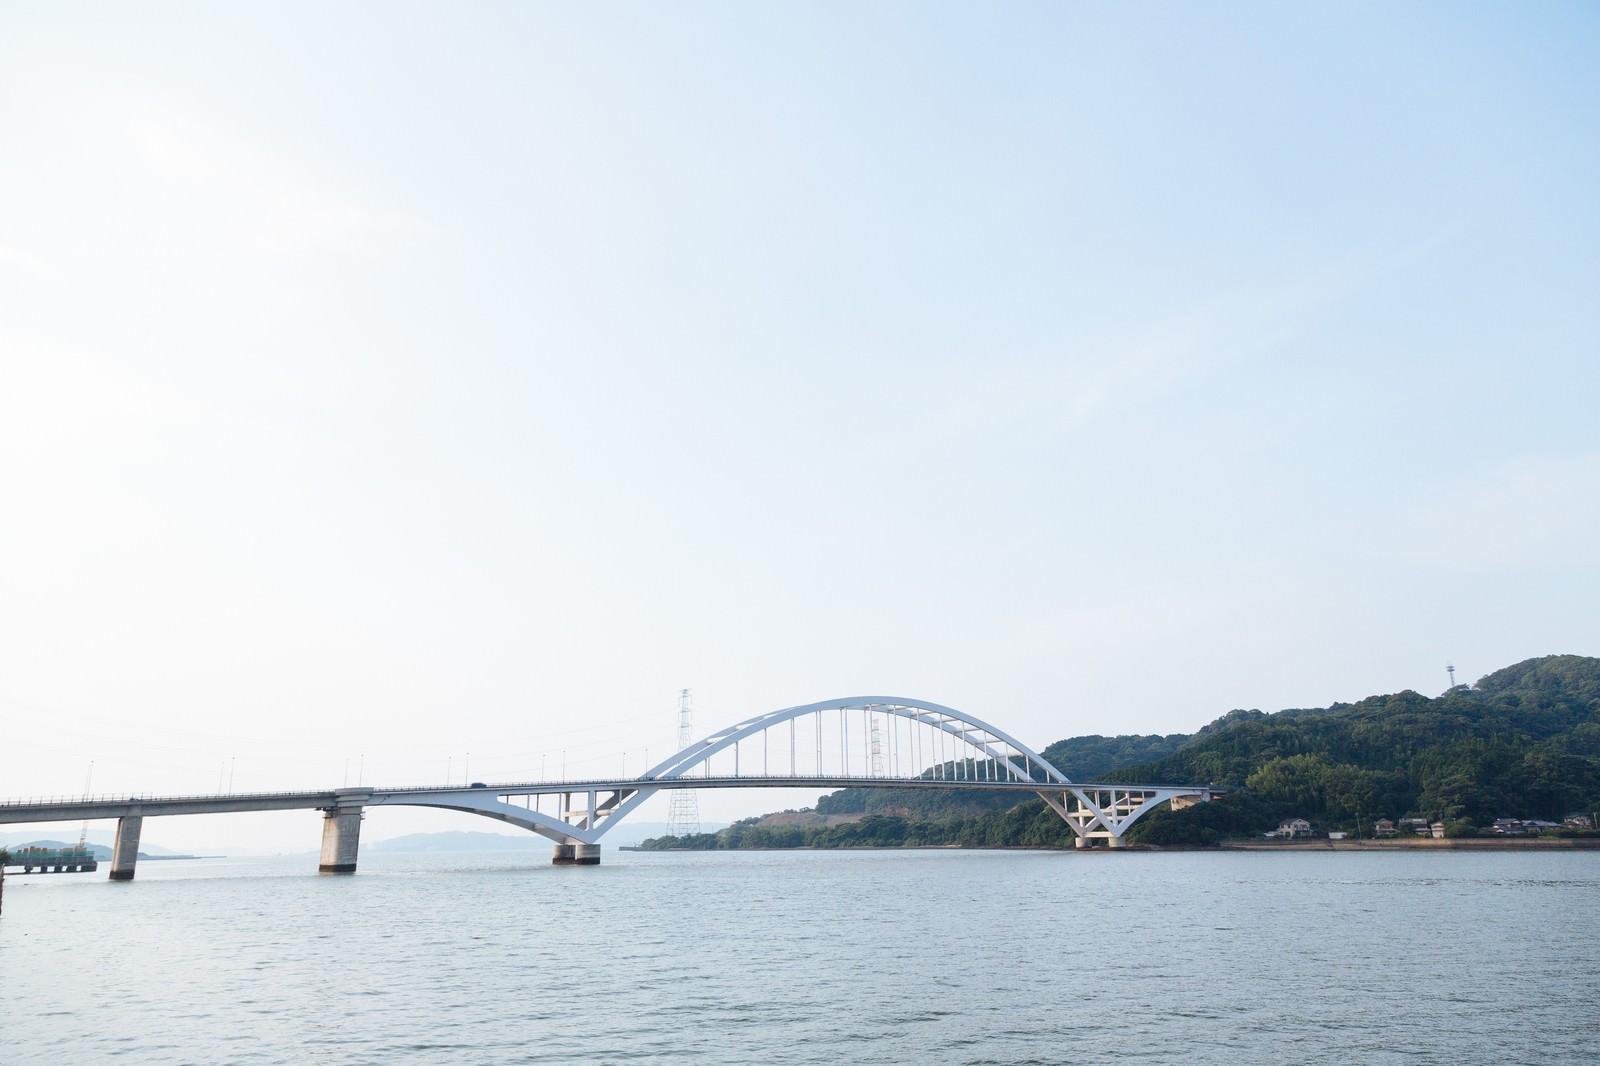 「伊万里大橋(アーチ橋)伊万里大橋(アーチ橋)」のフリー写真素材を拡大